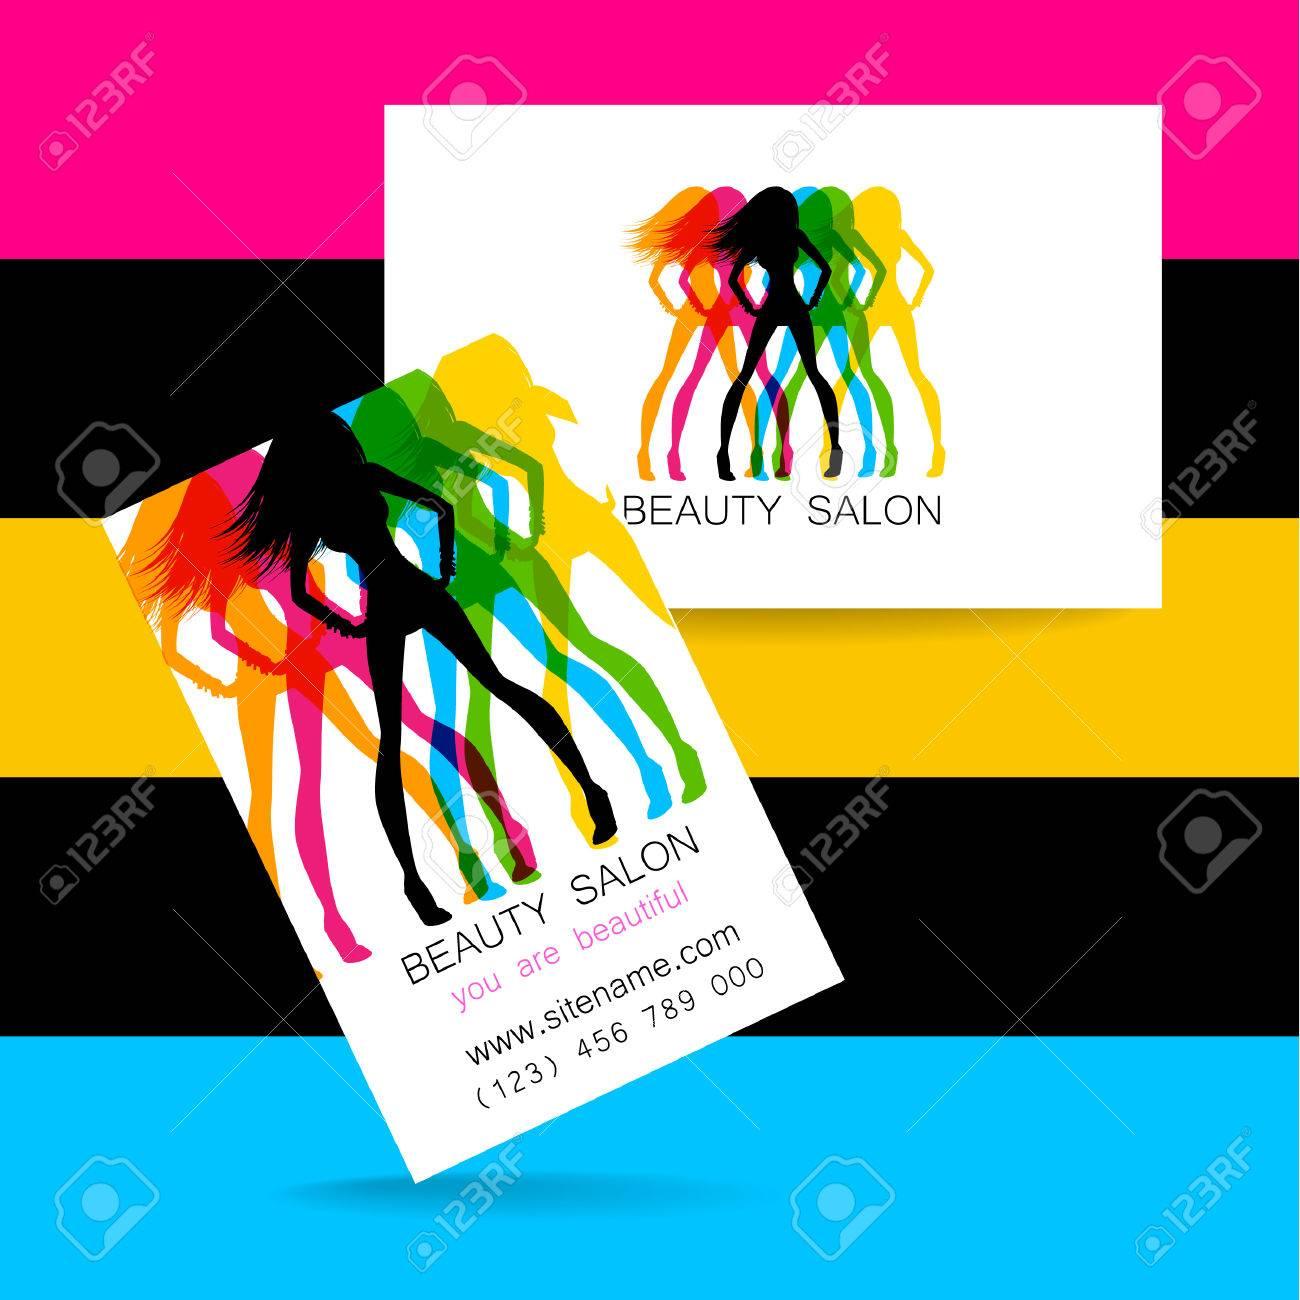 Logo De Belleza. Diseño De La Identidad Corporativa. Tarjeta De ...